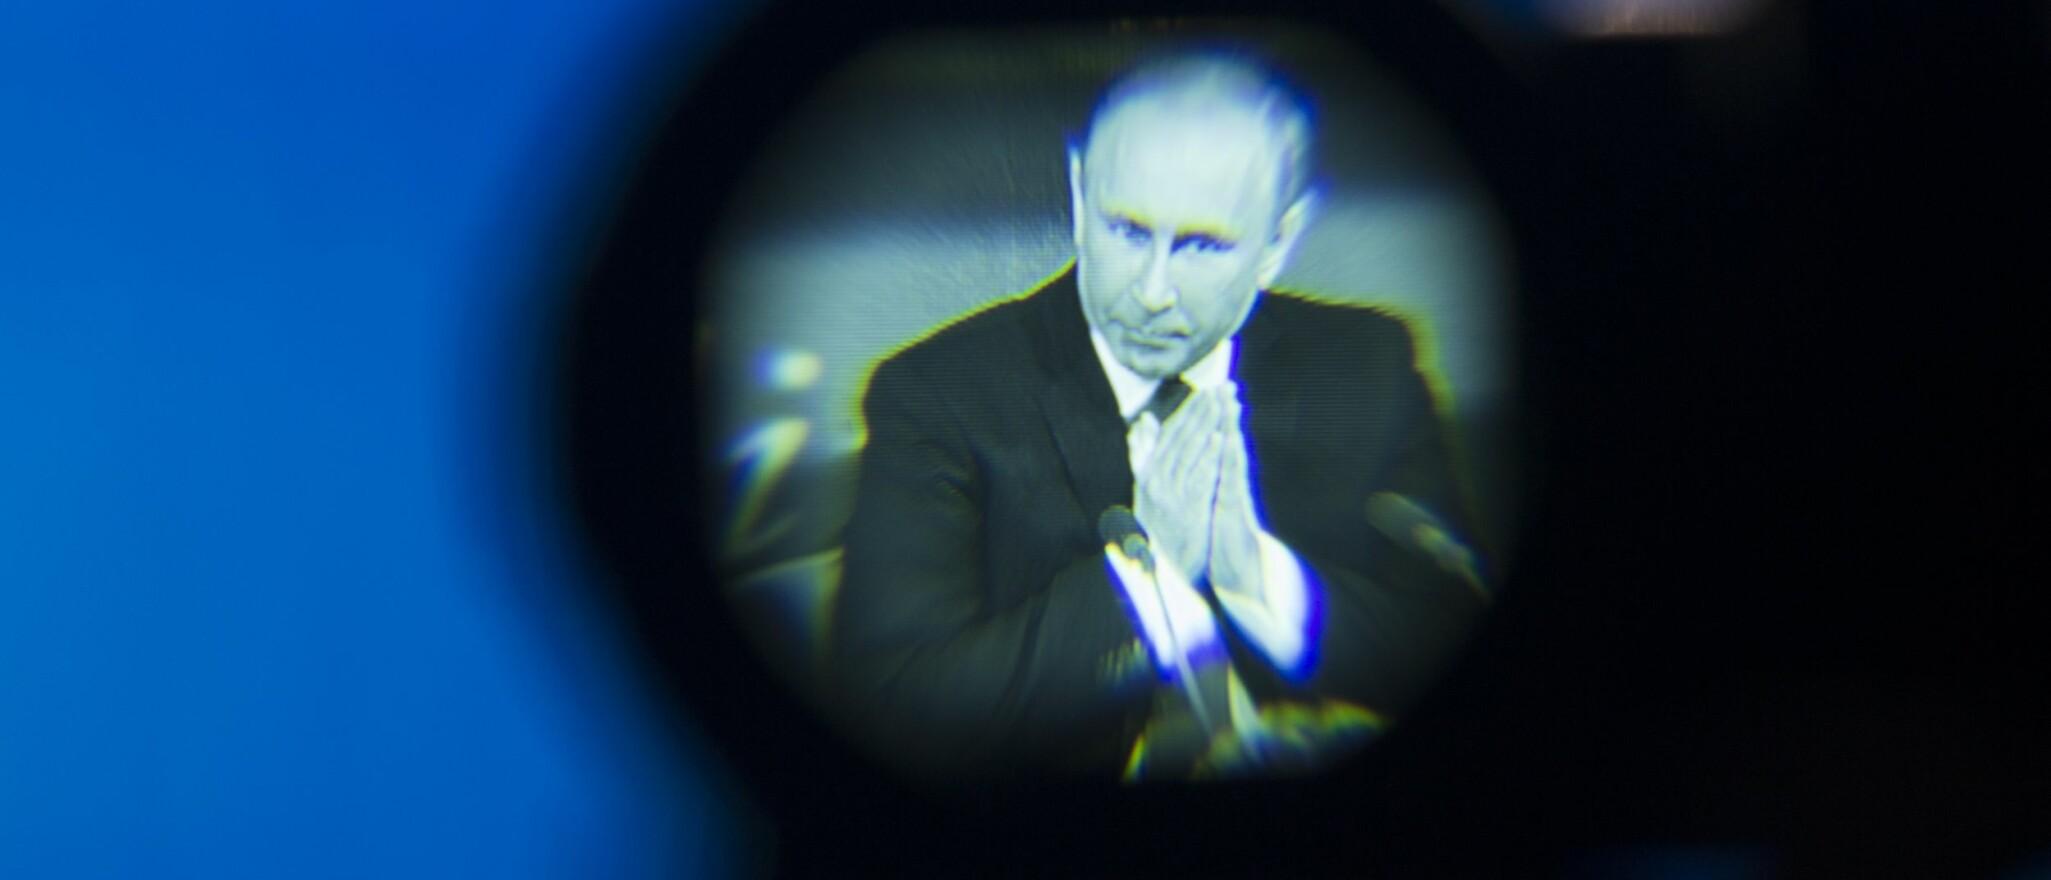 AVVENTER: Russlands president Vladimir Putin vil avvente vil avvente og se hvilke signaler Trump kommer med om saken, før de eventuelt iverksetter motaksjoner. Foto: Pavel Golovkin / AP / NTB Scanpix